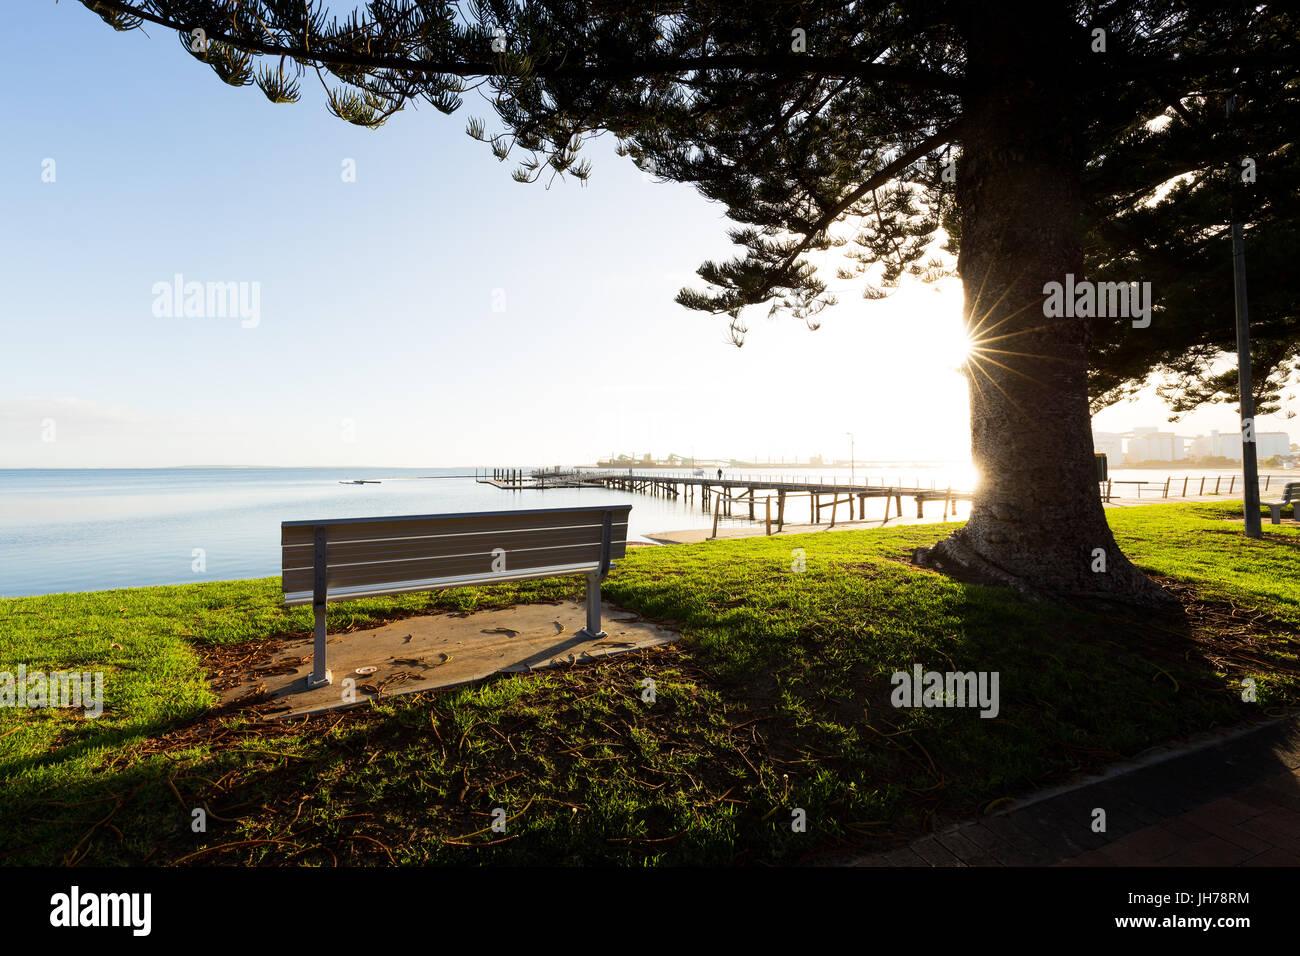 Eine leere Parkbank mit Blick auf das Meer unter einem schönen Baum zurück durch beleuchtet helle Sonnenaufgang Stockbild